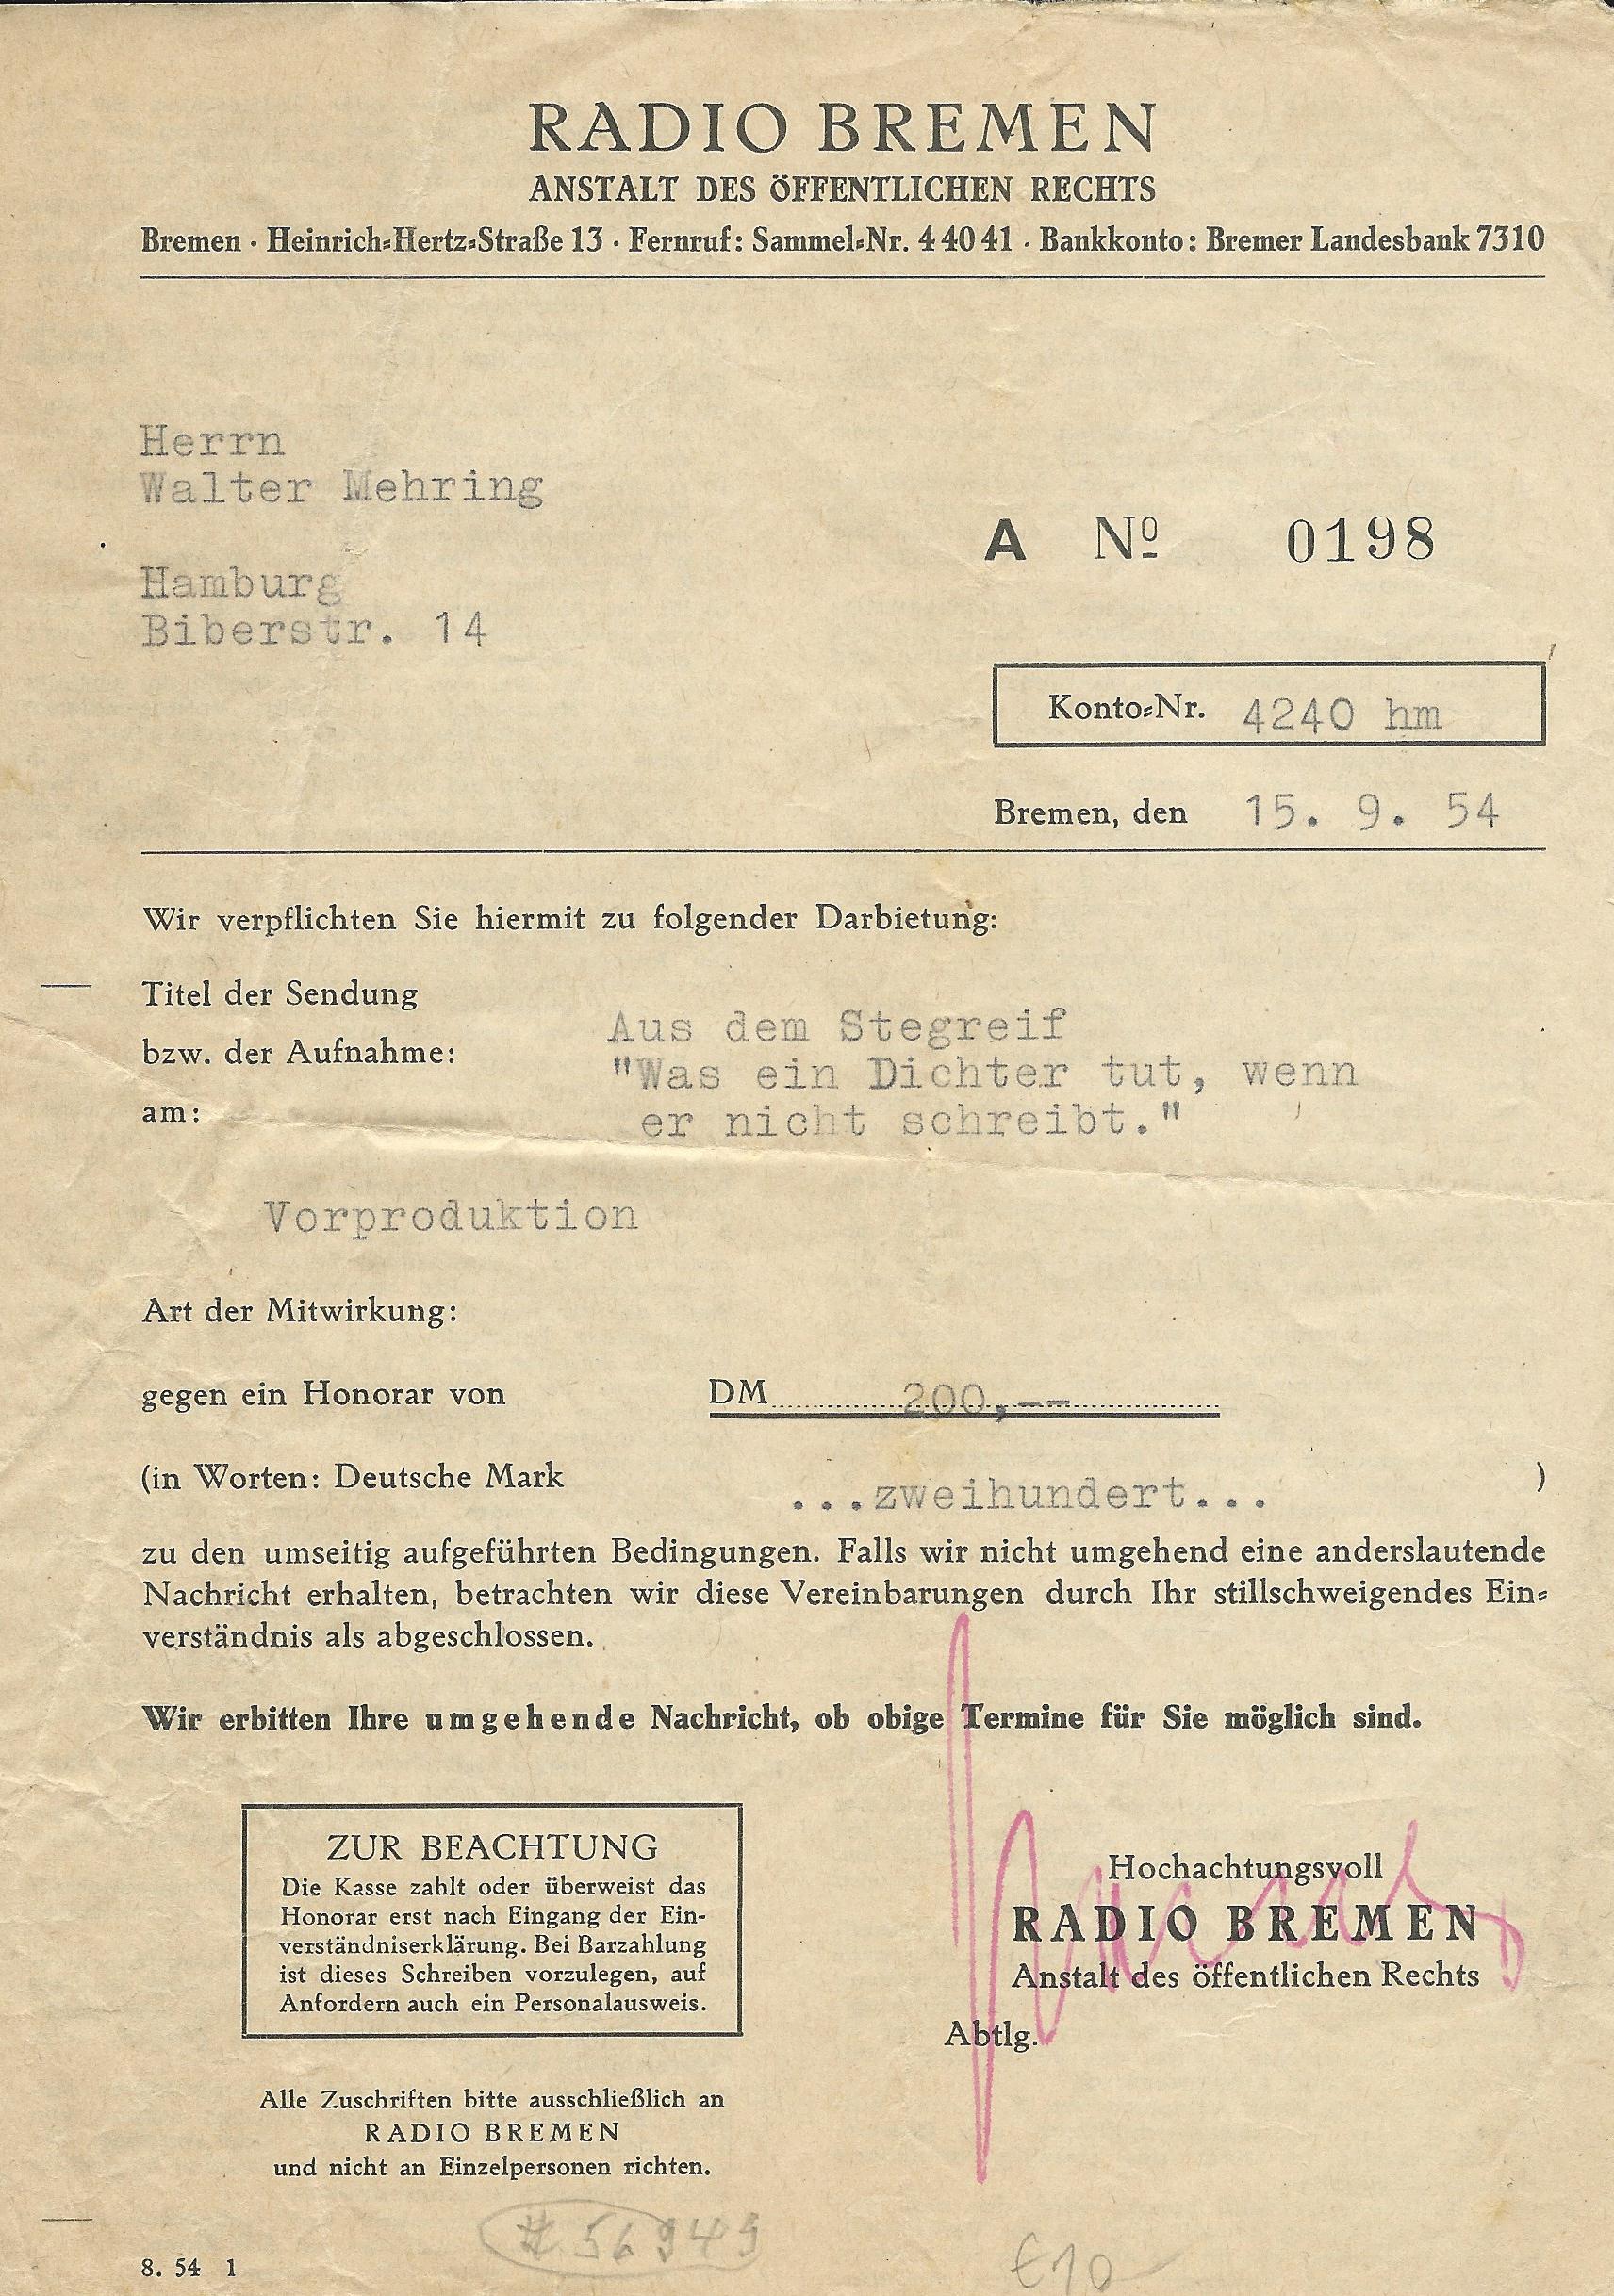 Vertrag zwischen radio Bremen und Walter Mehring aus dem Jahr 1954